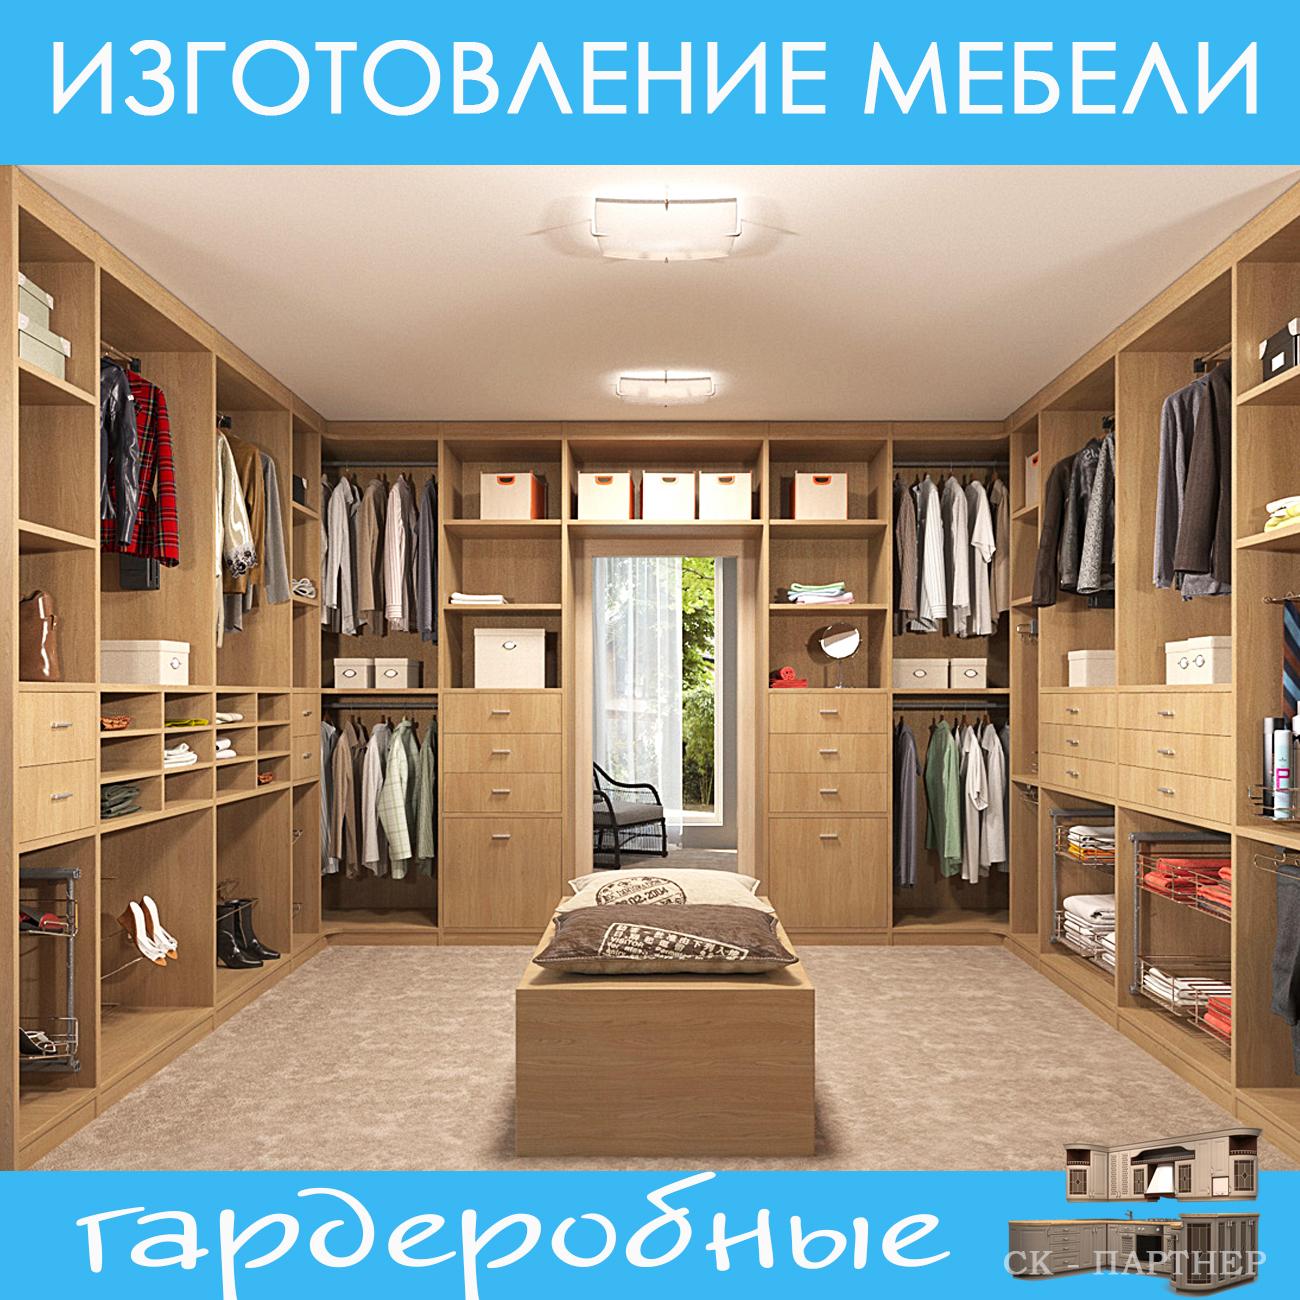 Изготовление мебели. гардеробные комнаты..